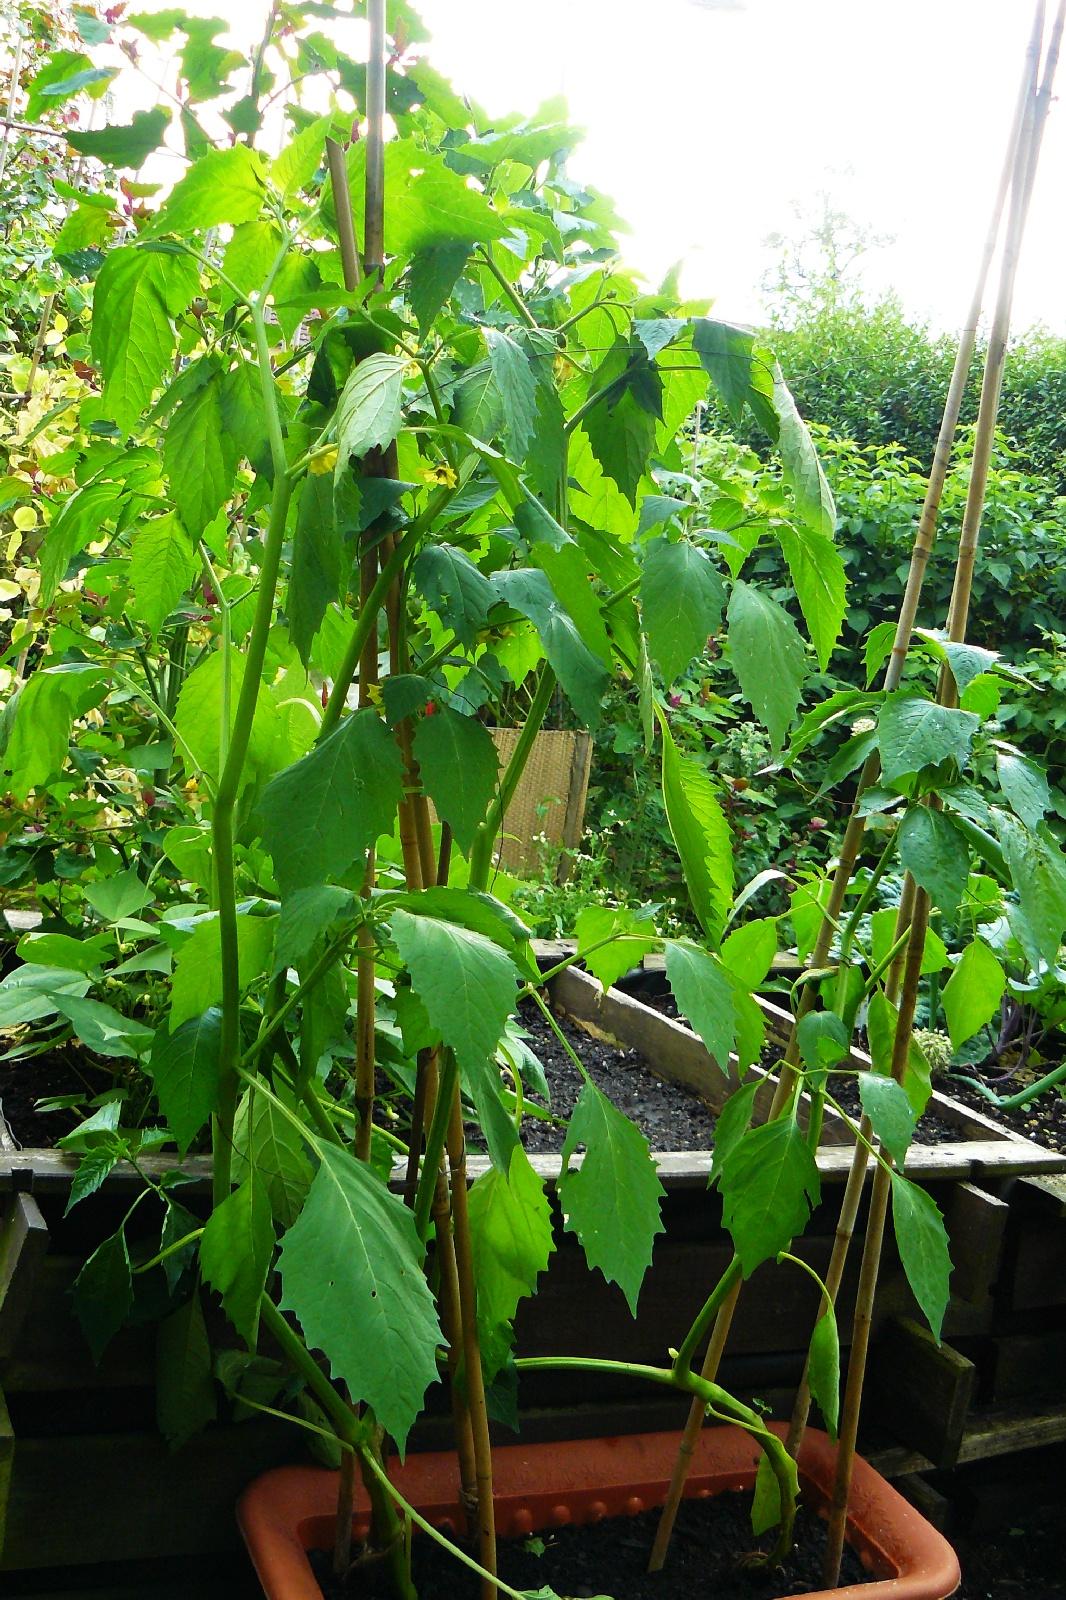 Tomatillos im Kasten